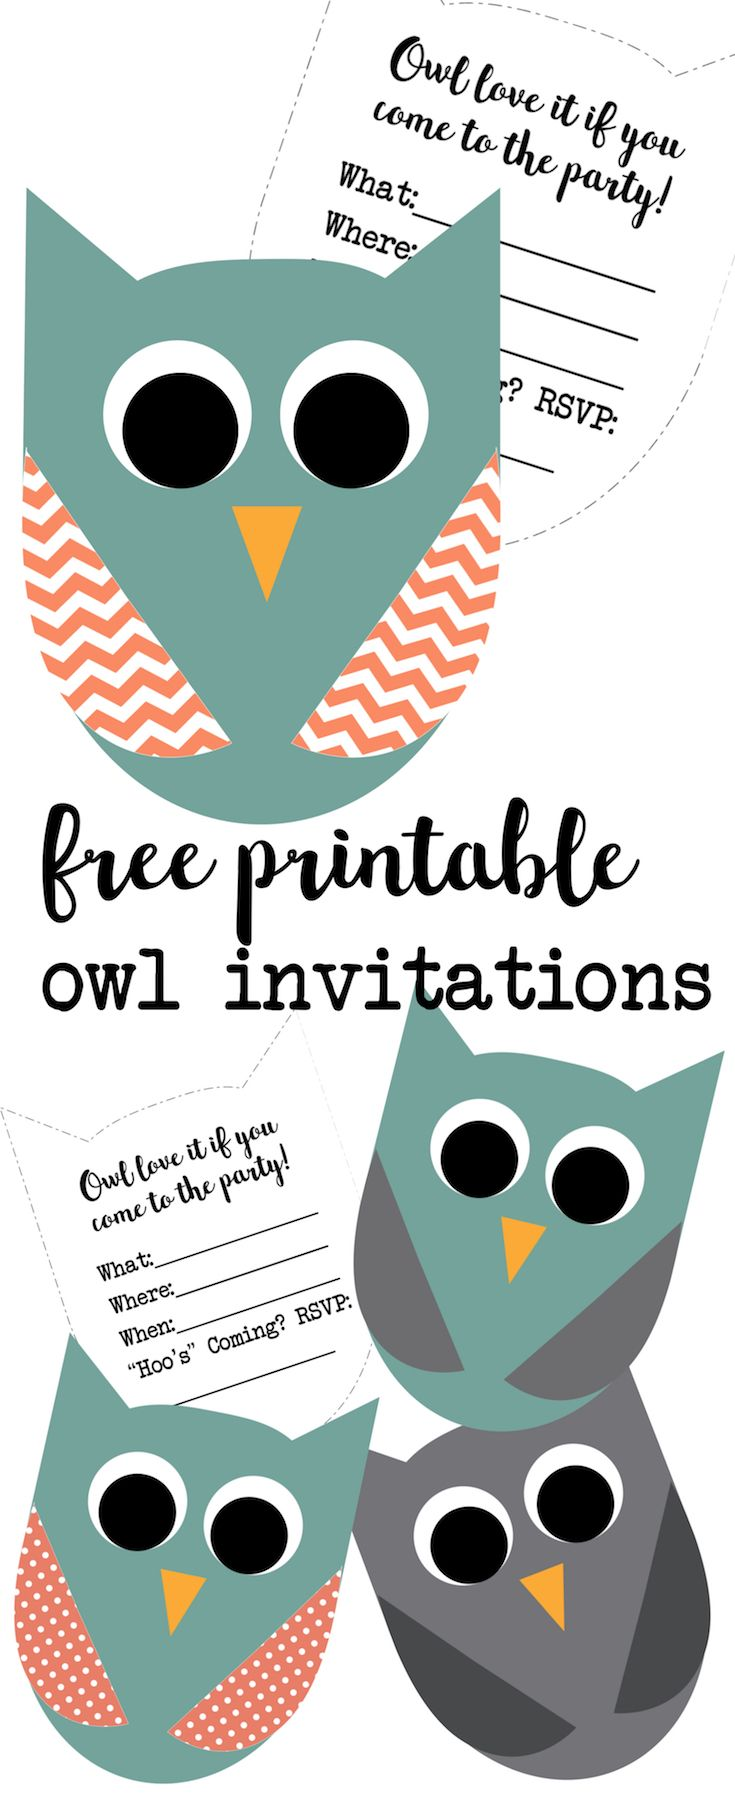 Free printable owl invitations owl invitations free printable and owl free printable owl invitations bookmarktalkfo Choice Image